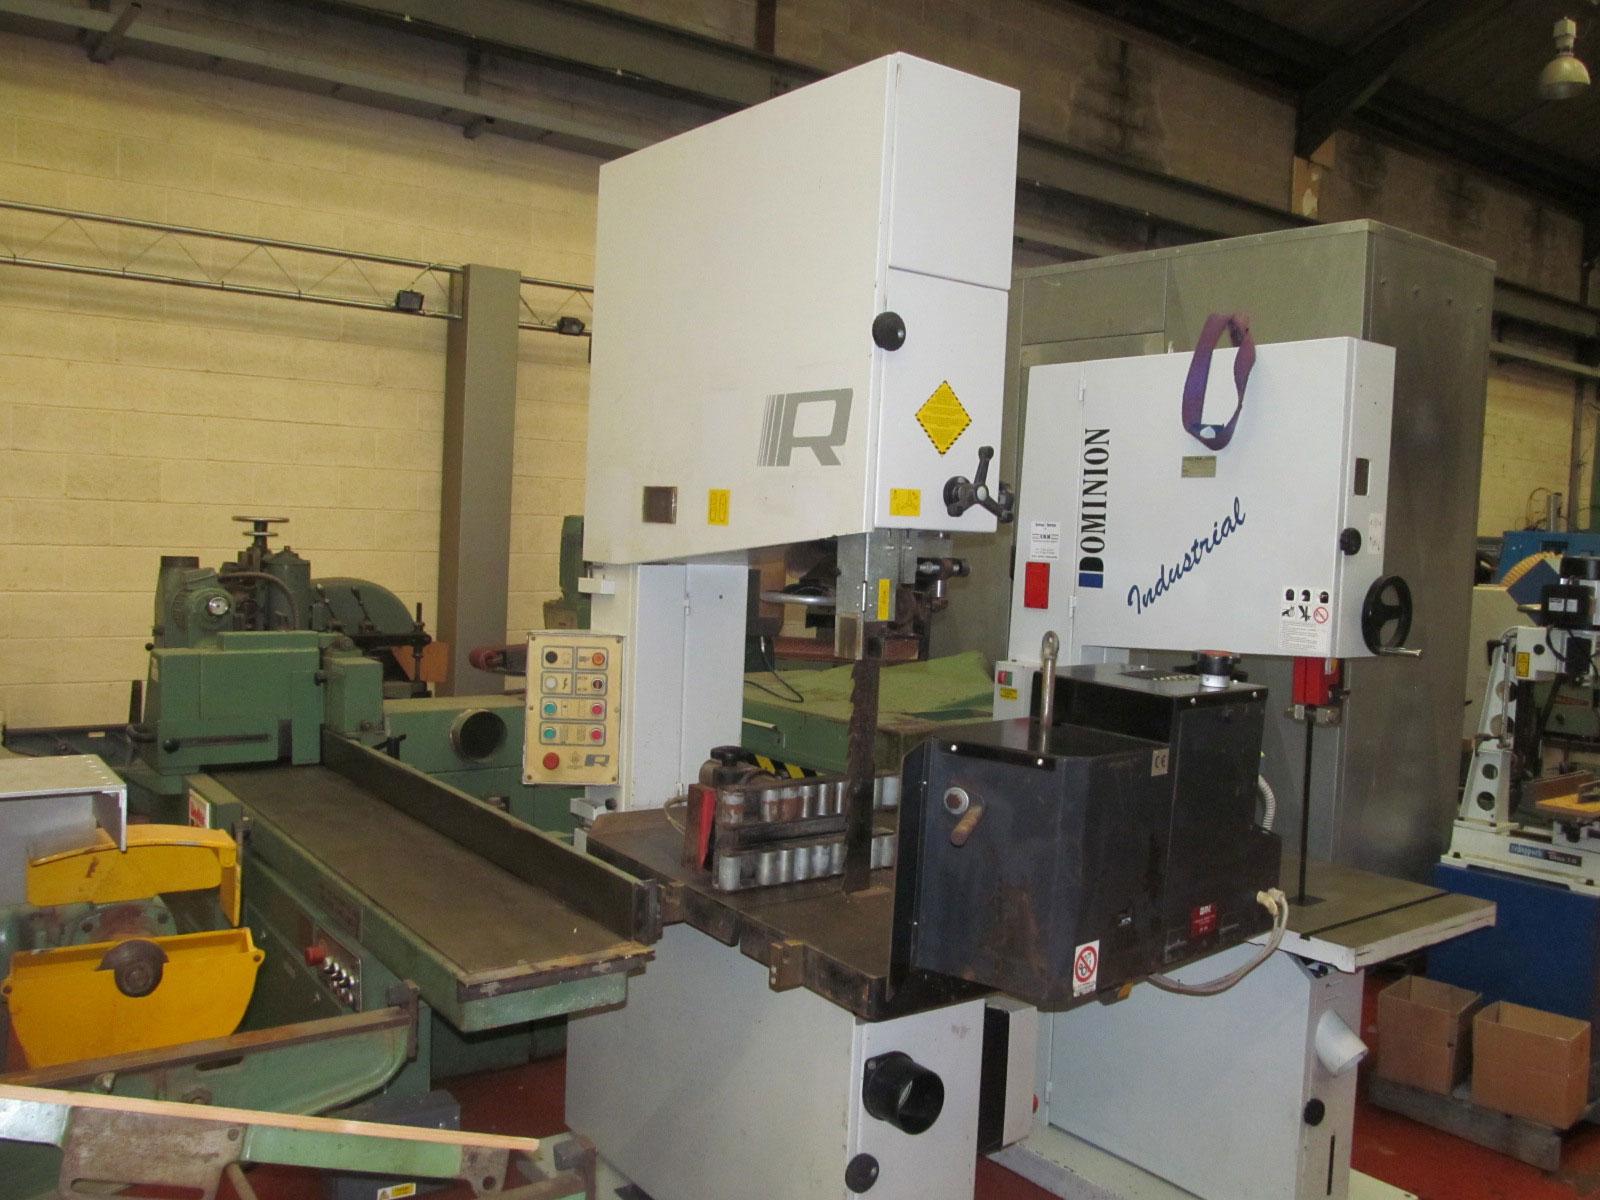 Aggazani R800 re-saw